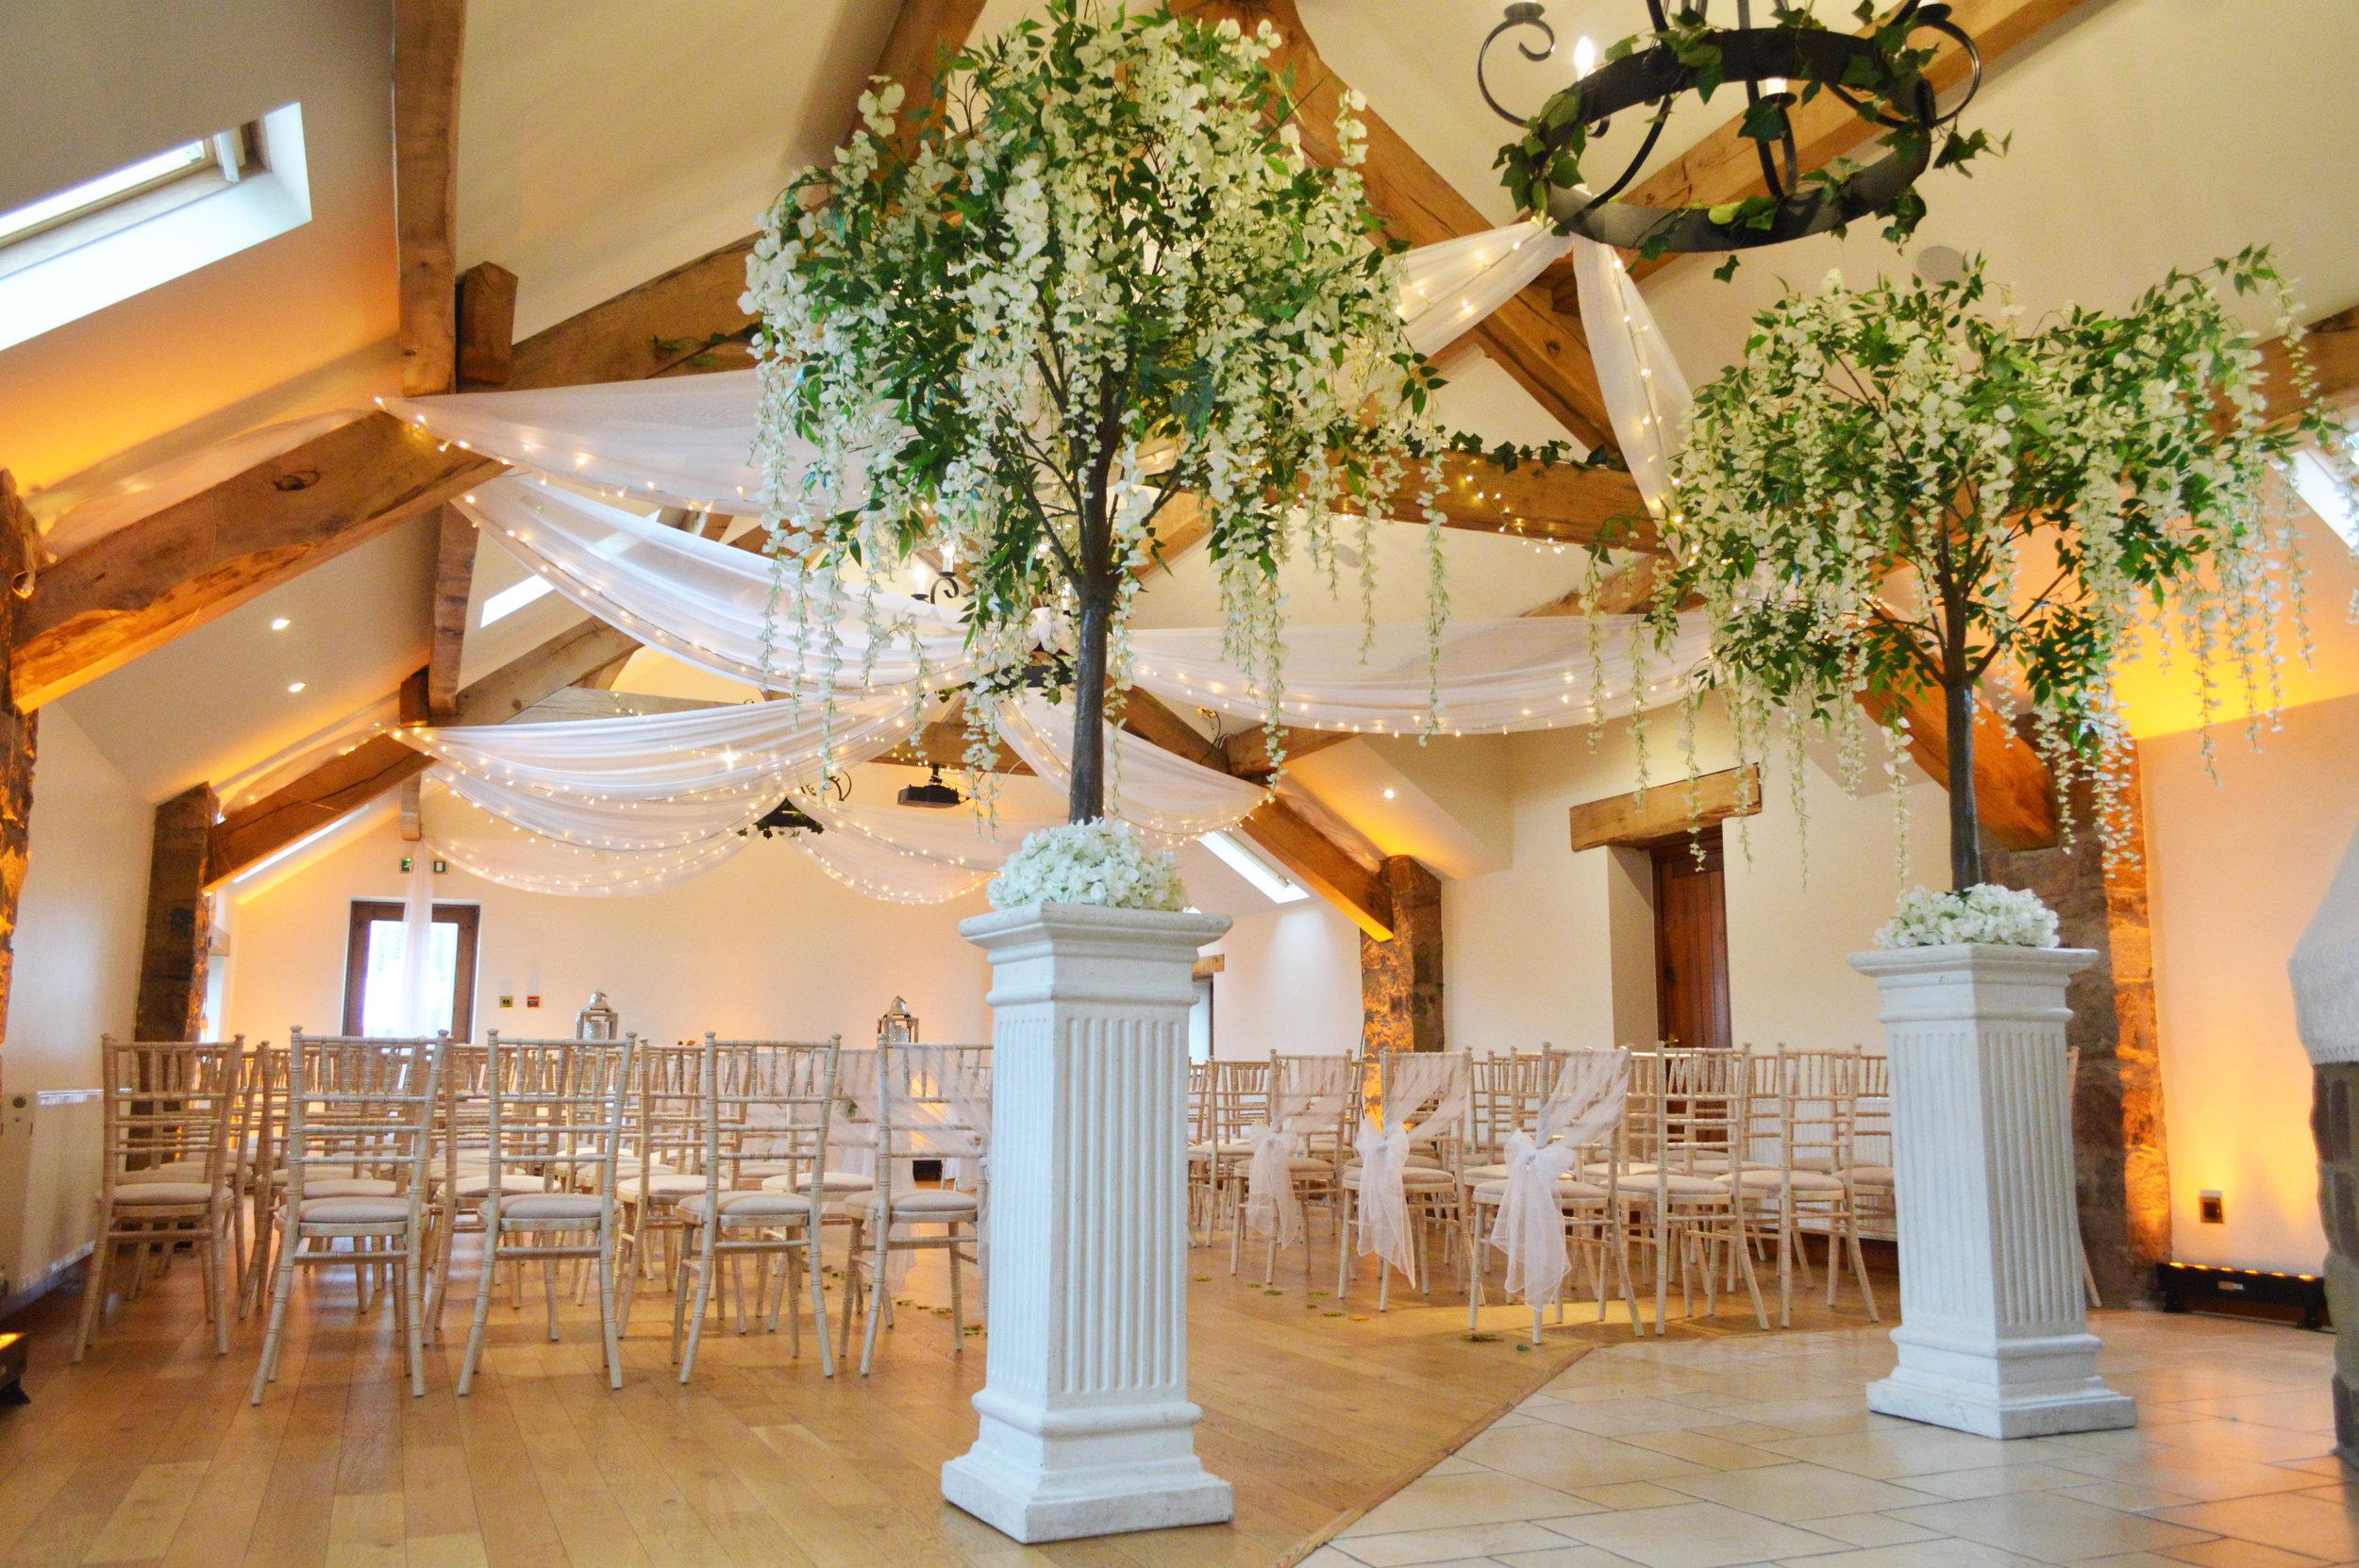 Wisteria trees on white pillars